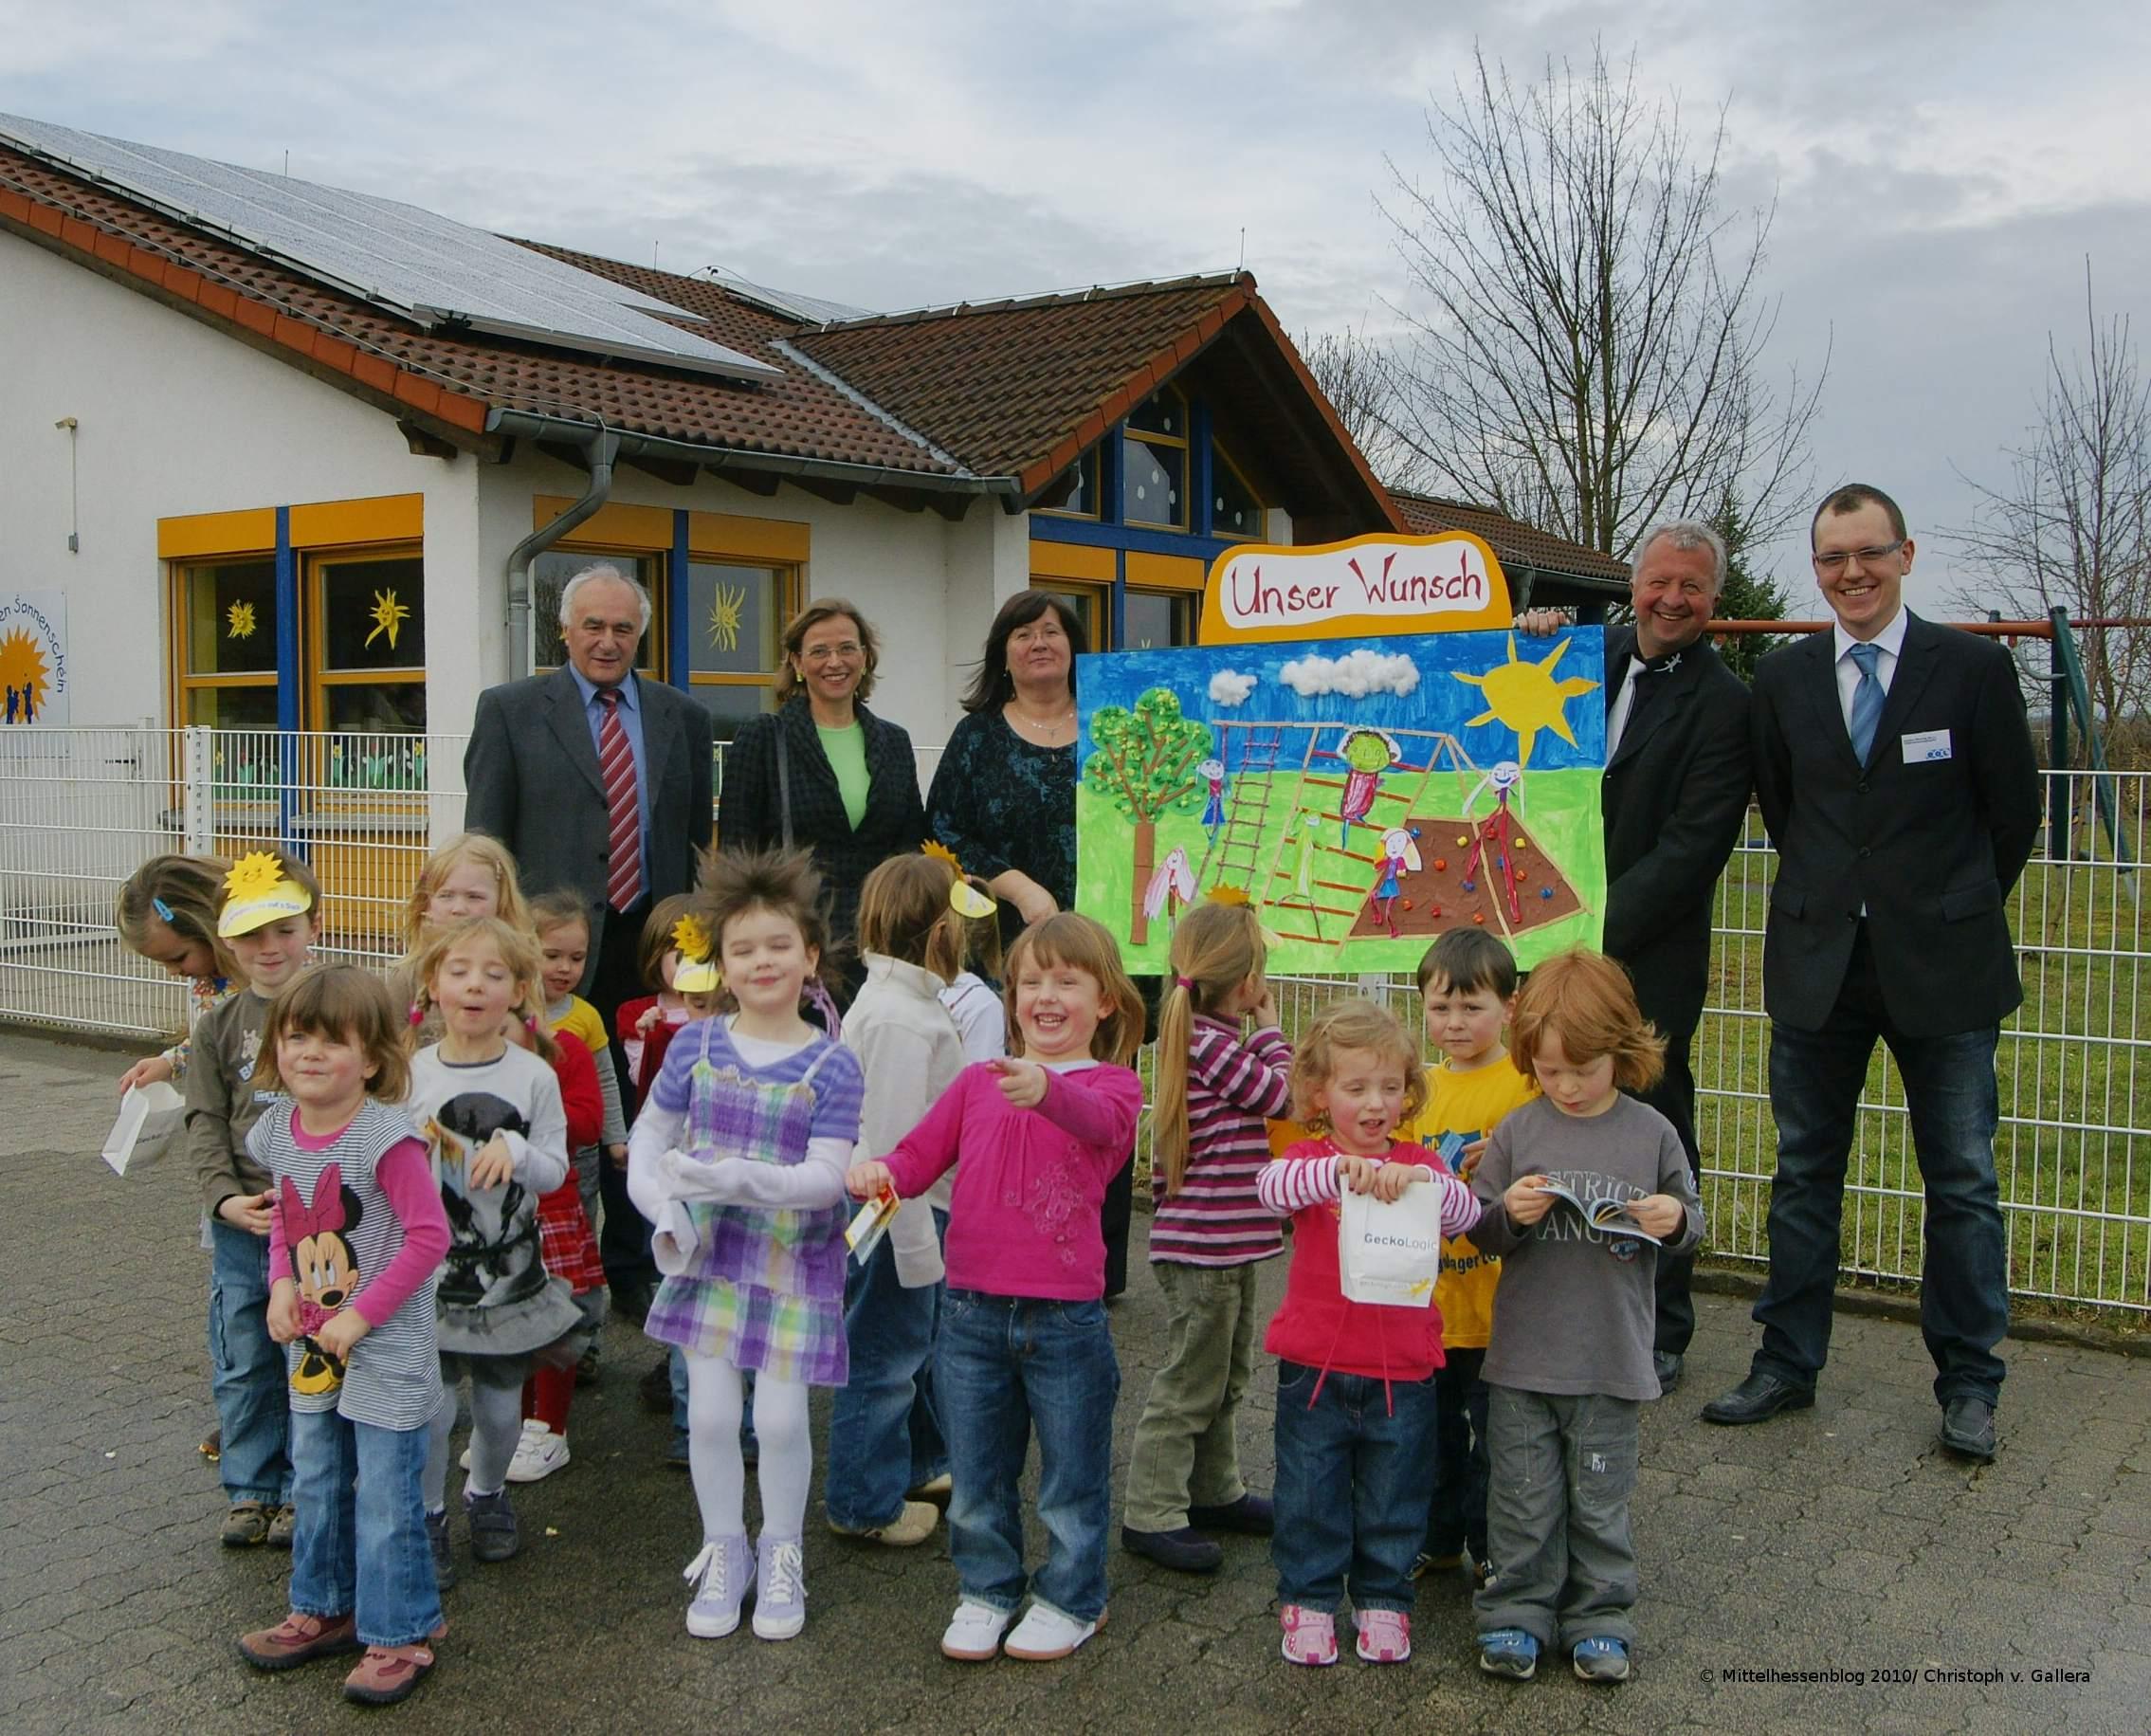 Sonne finanziert Kindergarten neues Spielgerät